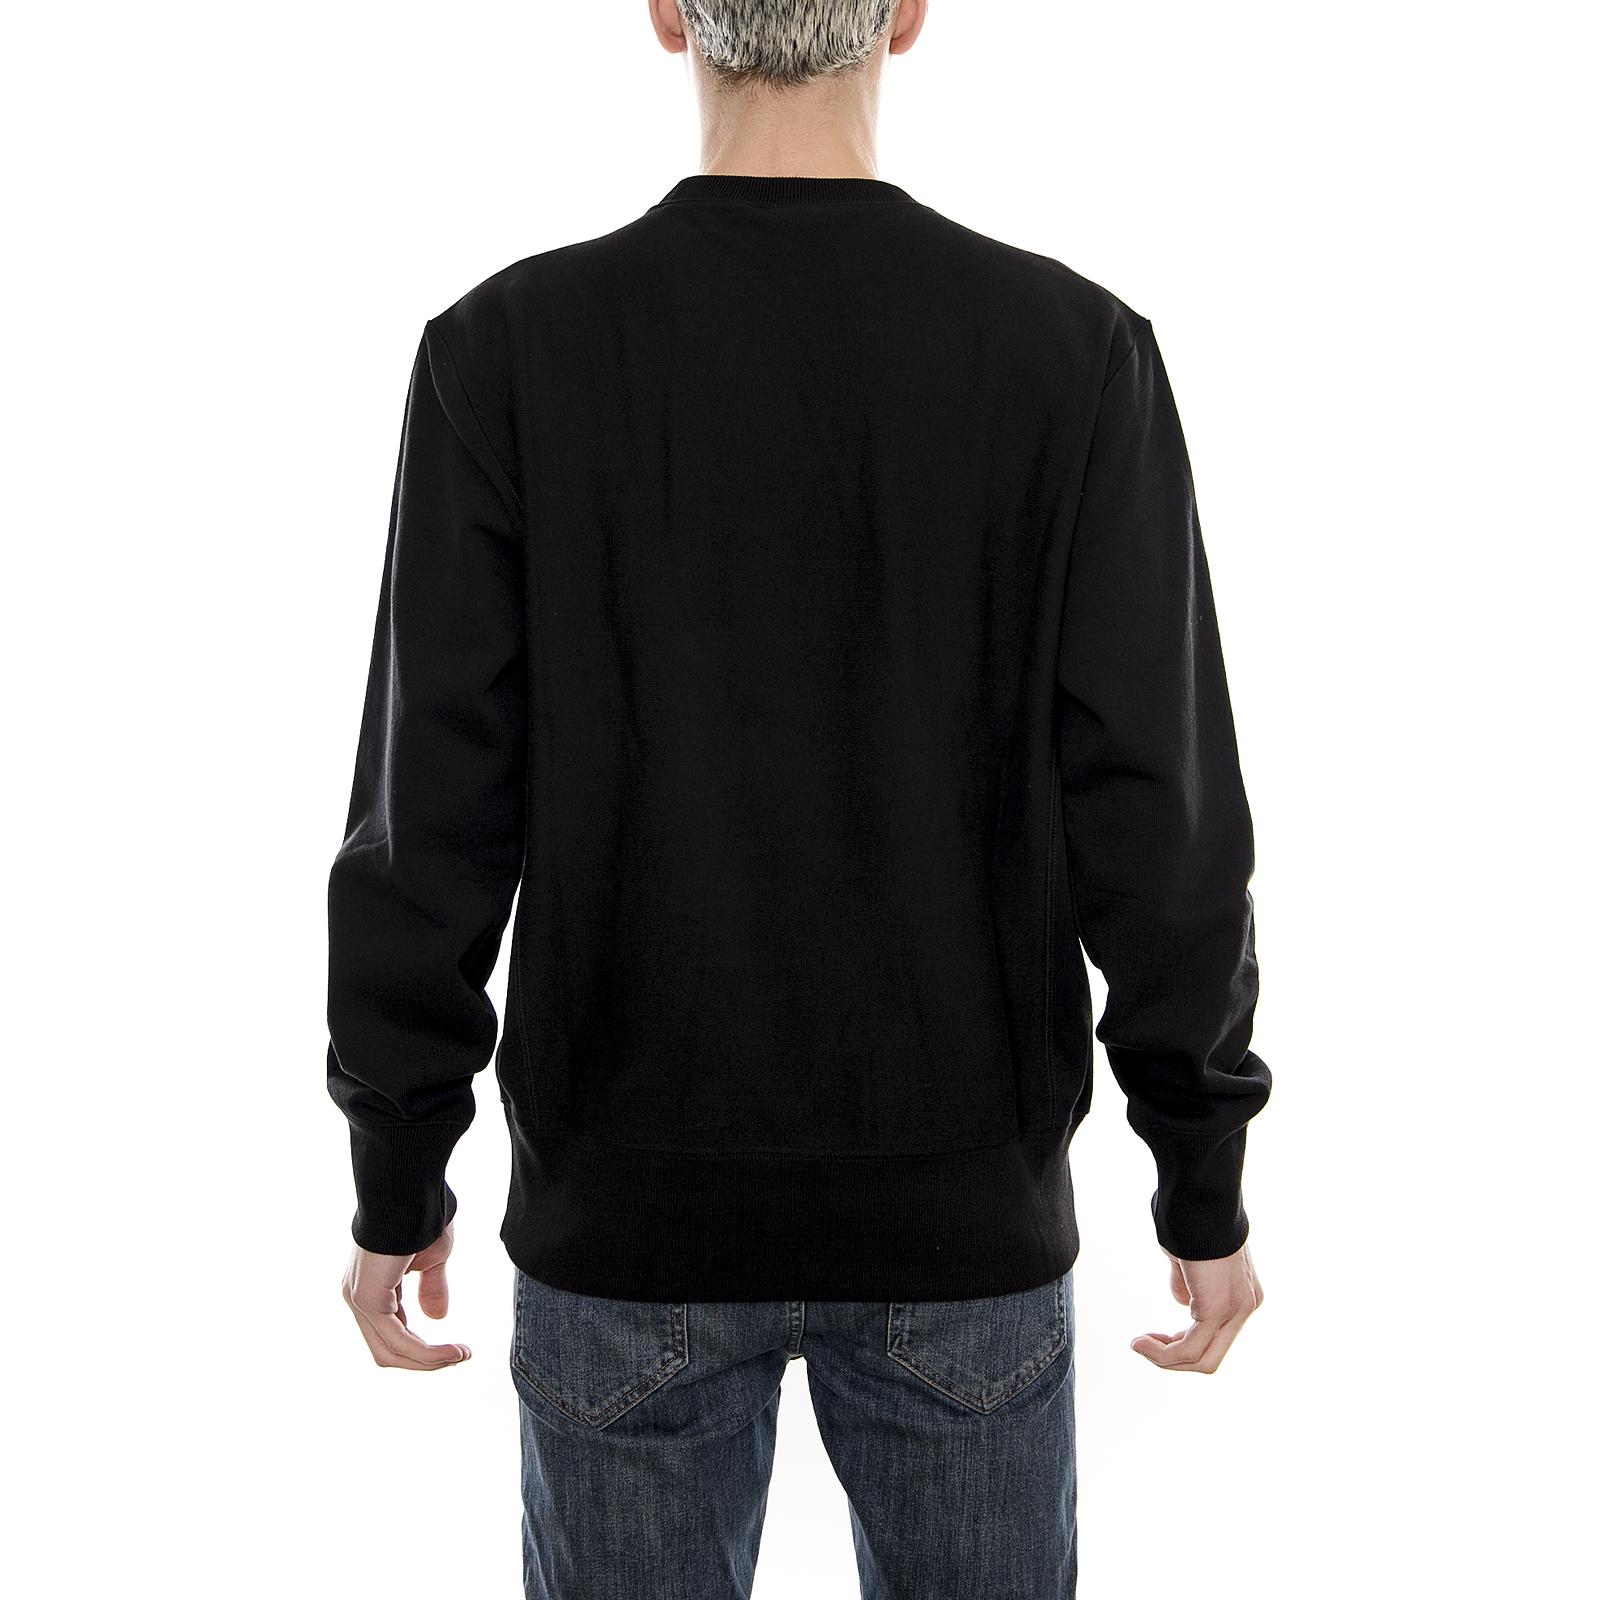 Champion-Felpe-Crewneck-Sweatshirt-Logo-Black-Nero